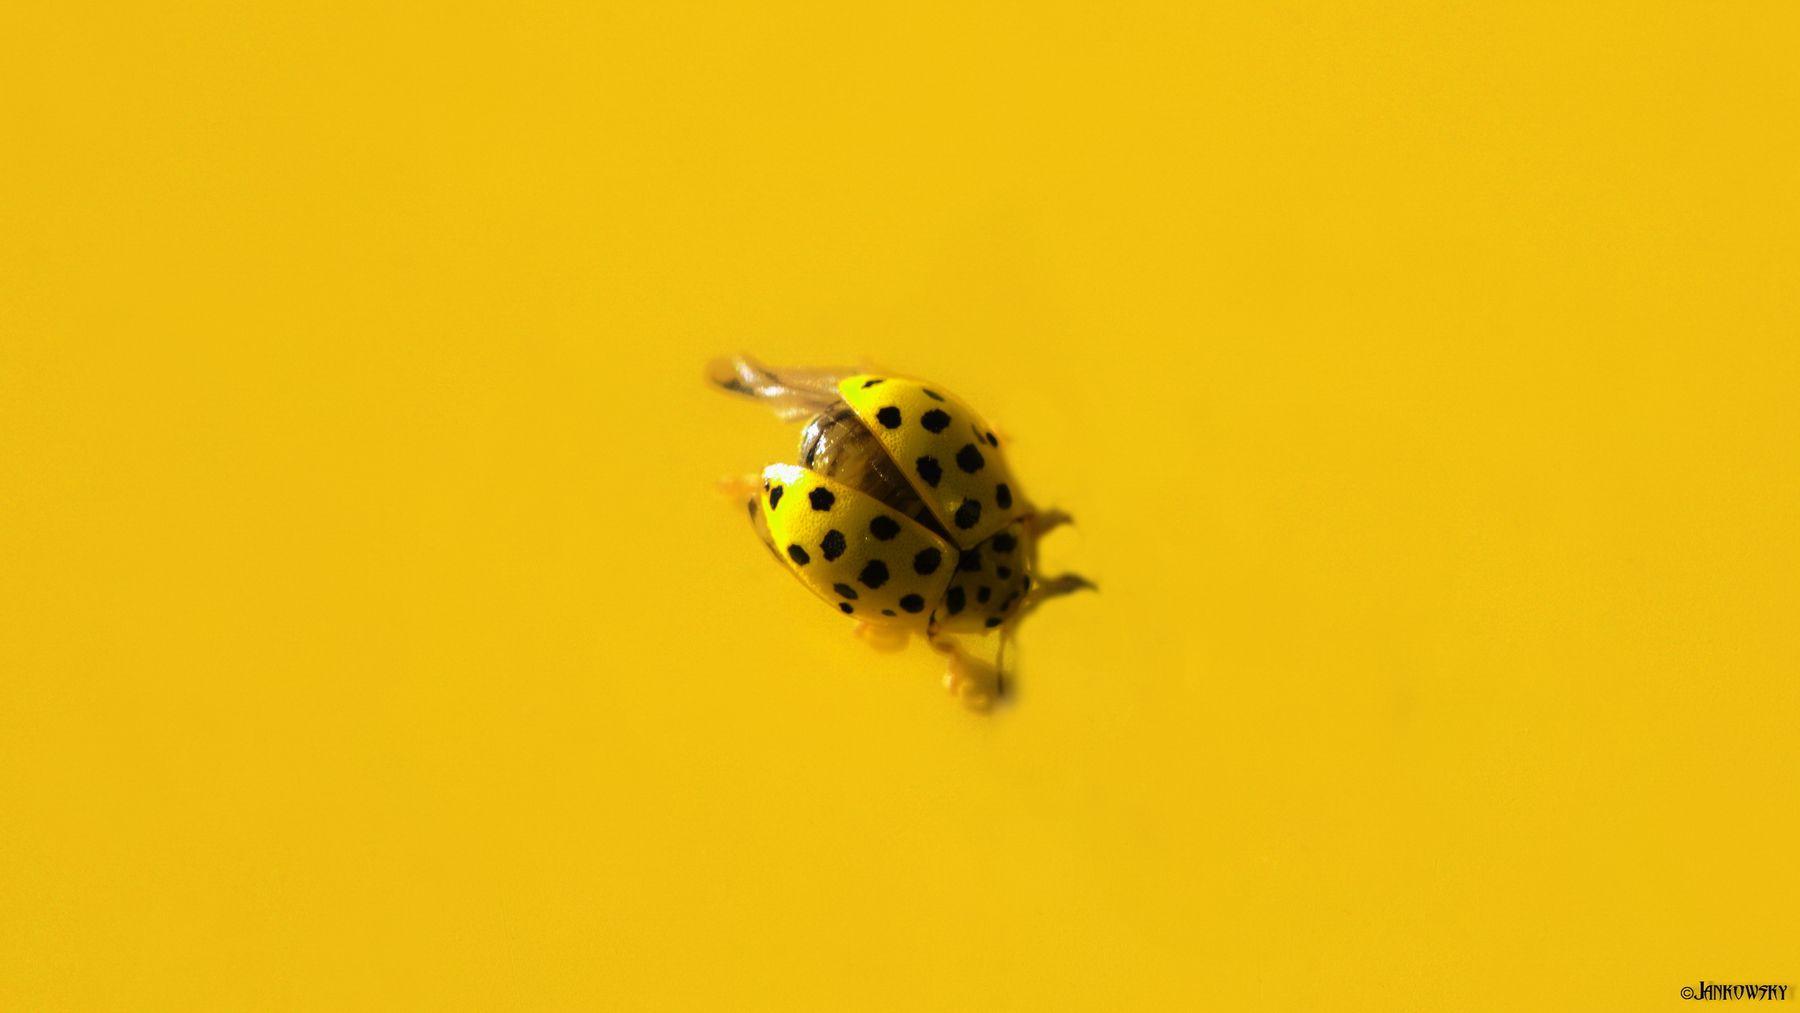 Абсолютный шедевр  эстетеги желтого камуфляжа на желтом ! желтое на желтом желтый фон божья коровка черный капот макро минимализм абстракция жук